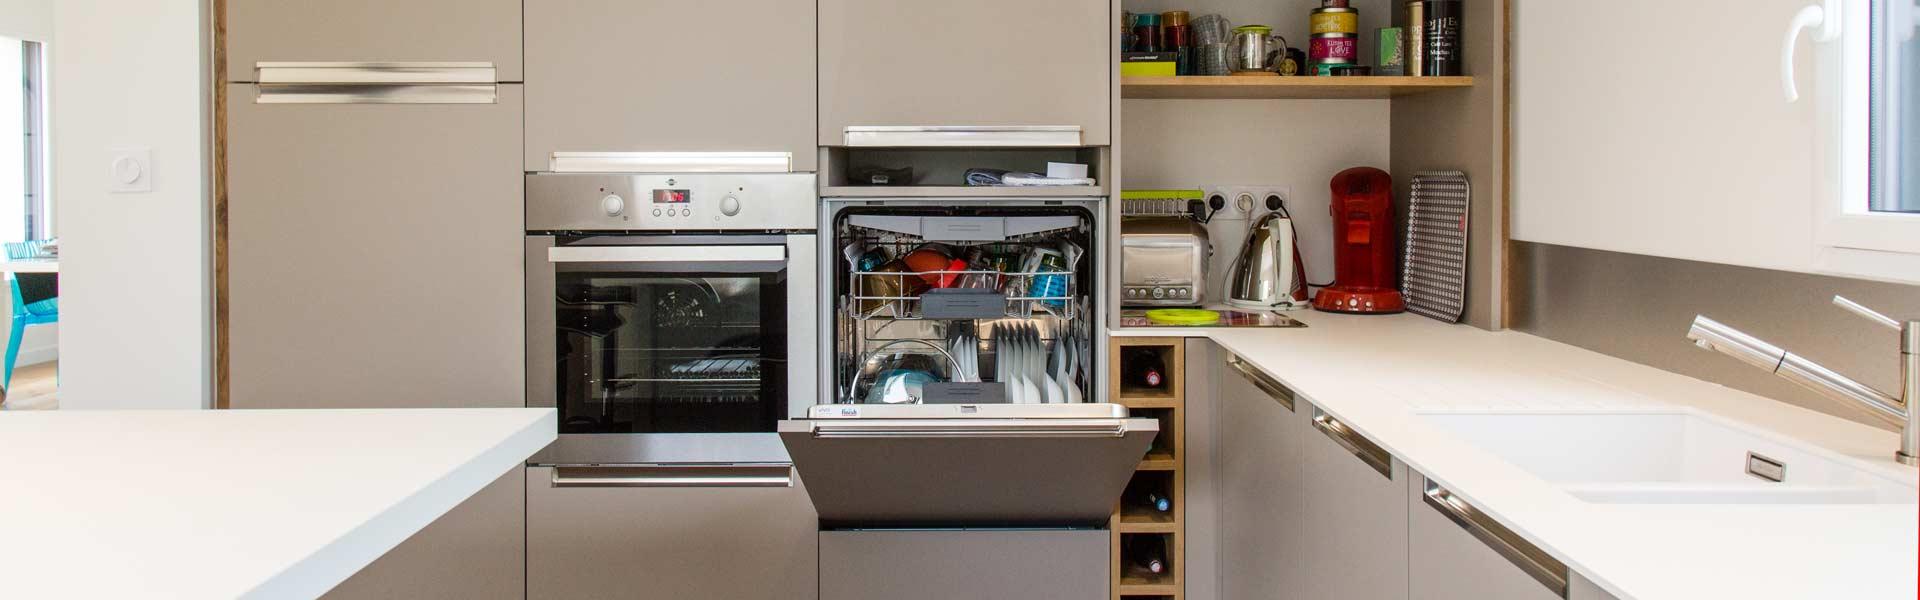 Une cuisine à la Baule combinant un maximum de rangement tout en gardant de la légèreté